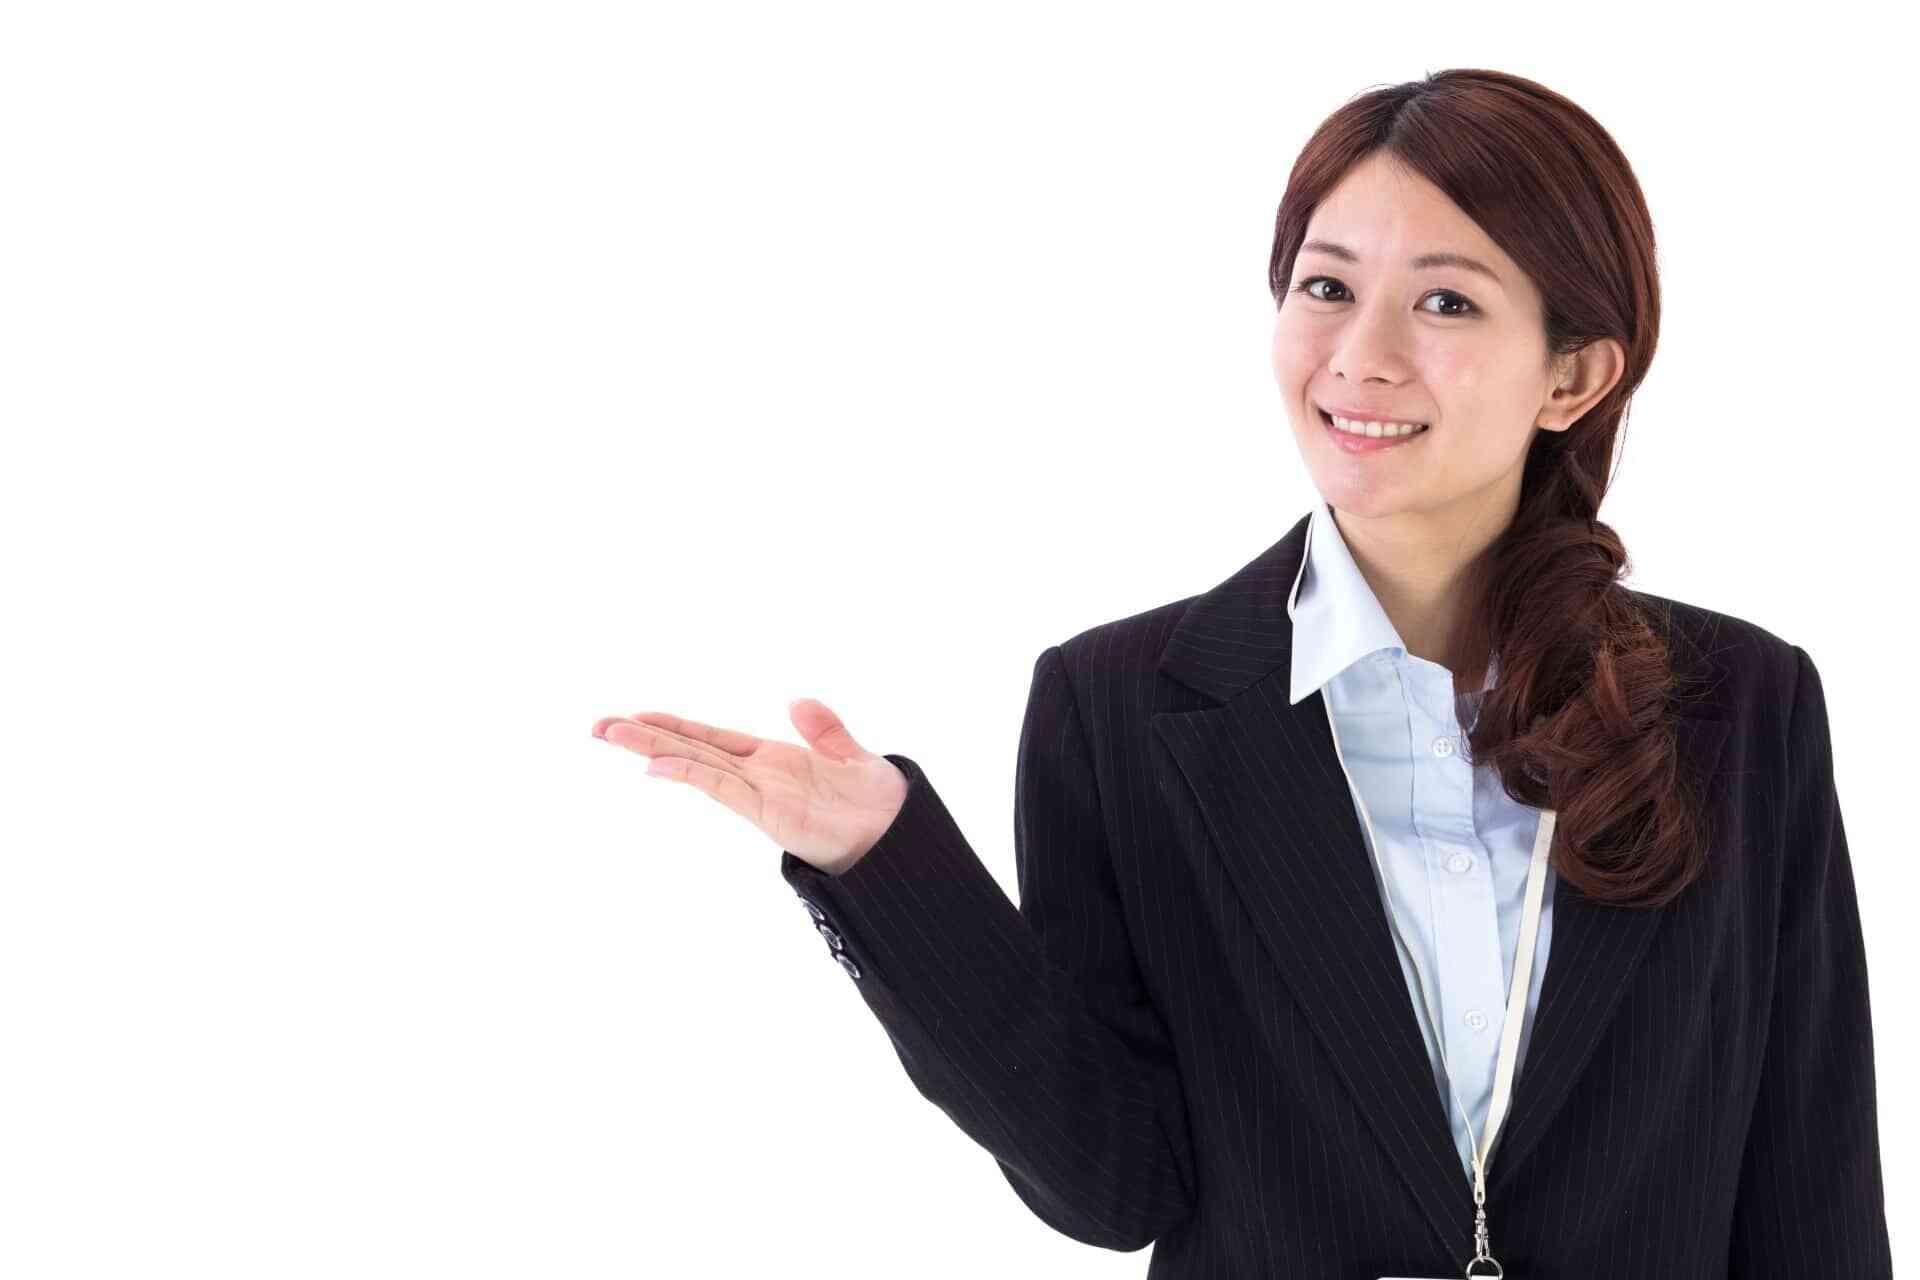 学業以外で力を注いだことは何のために聞かれるの?